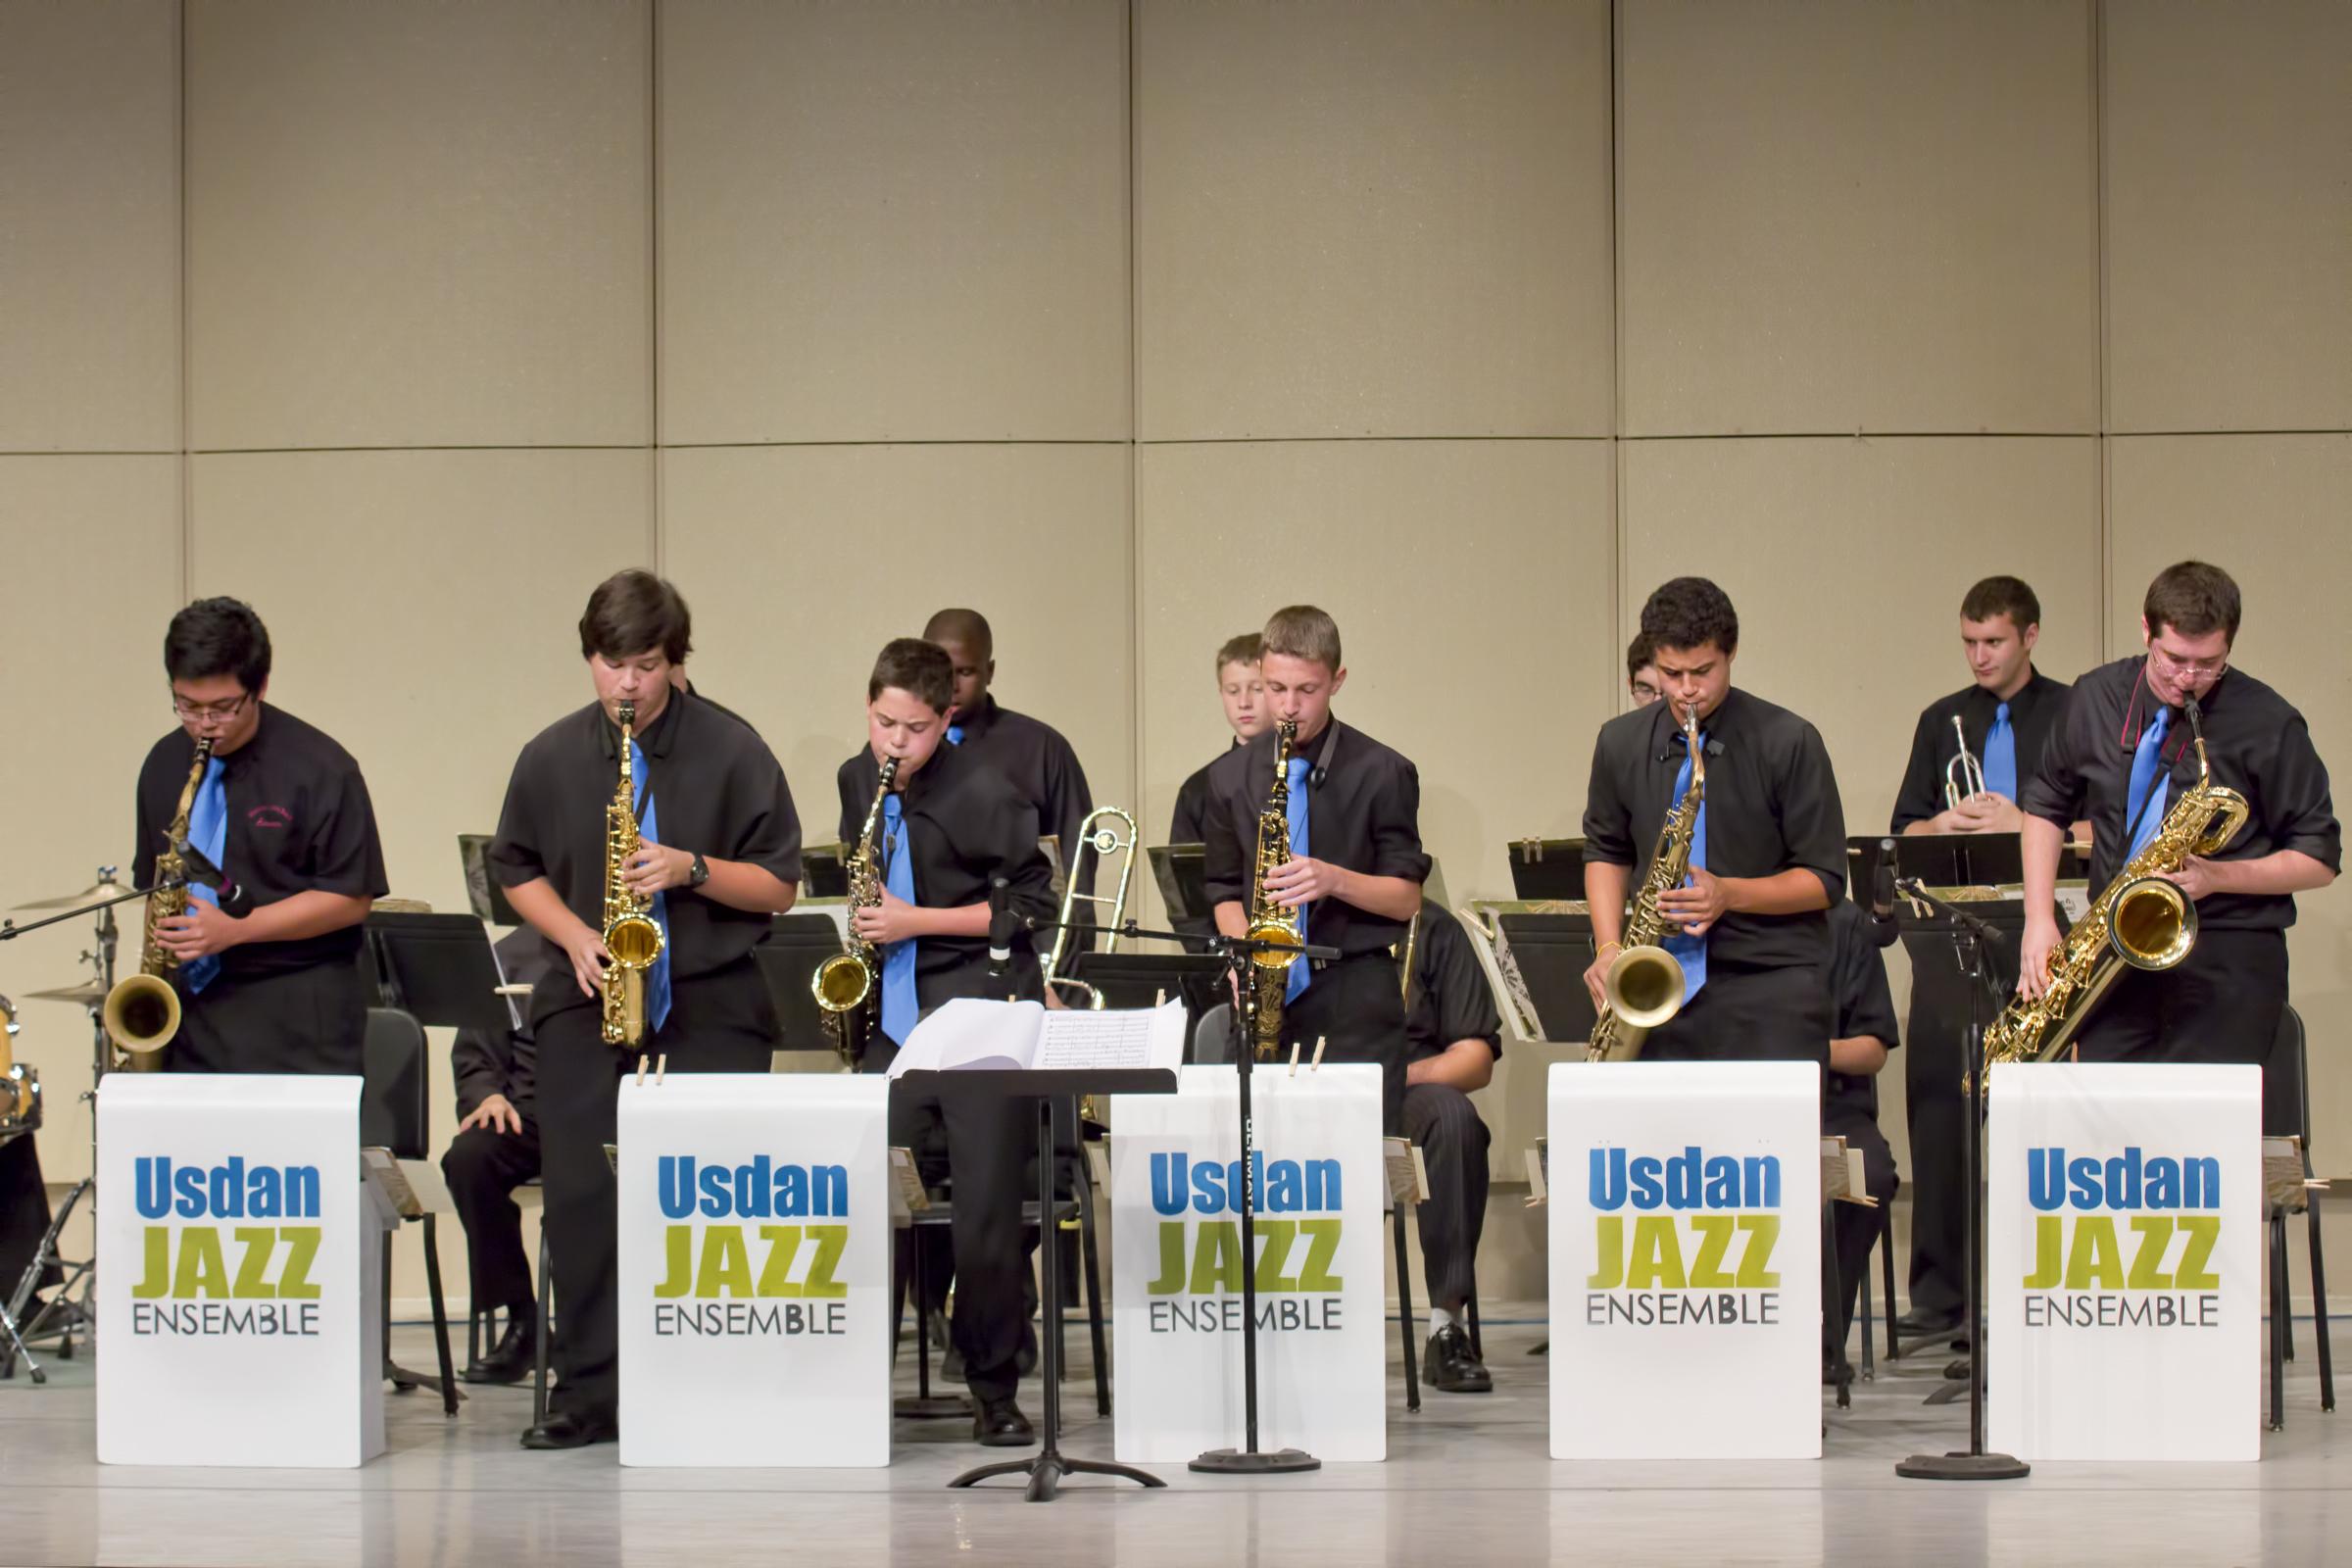 Usdan Jazz Ensemble